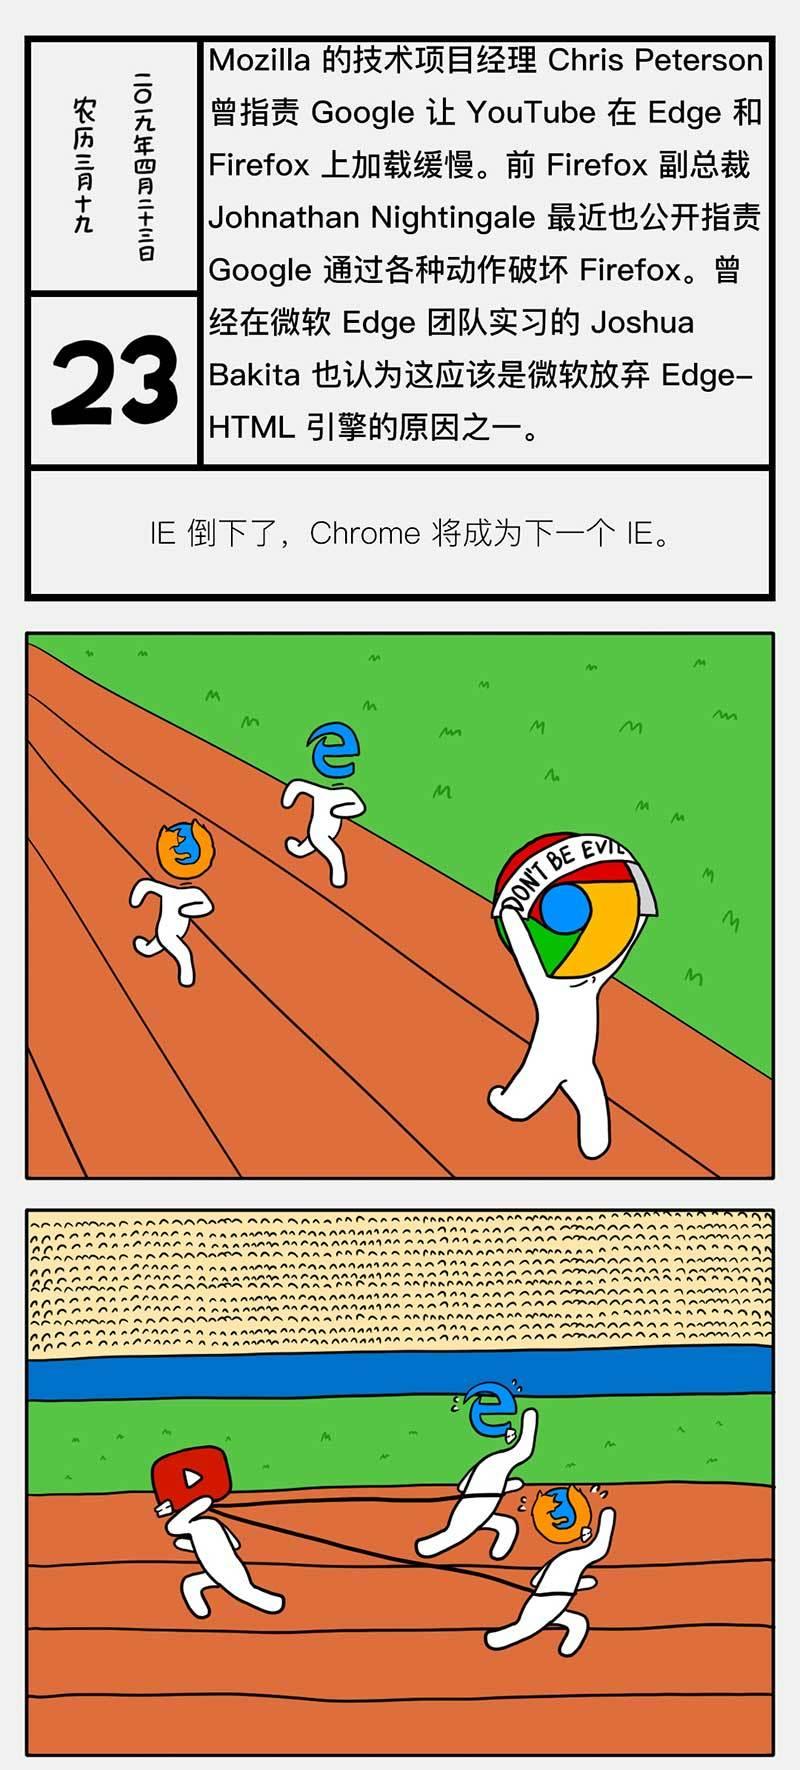 科技圖鑒 | Chrome 的領先來自對競爭對手的破壞?_Gecko